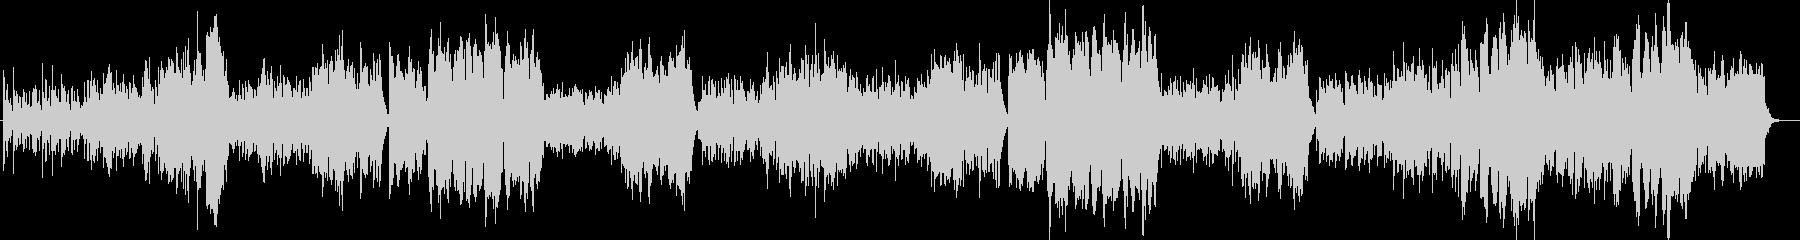 中世のワルツ風オーケストラの未再生の波形